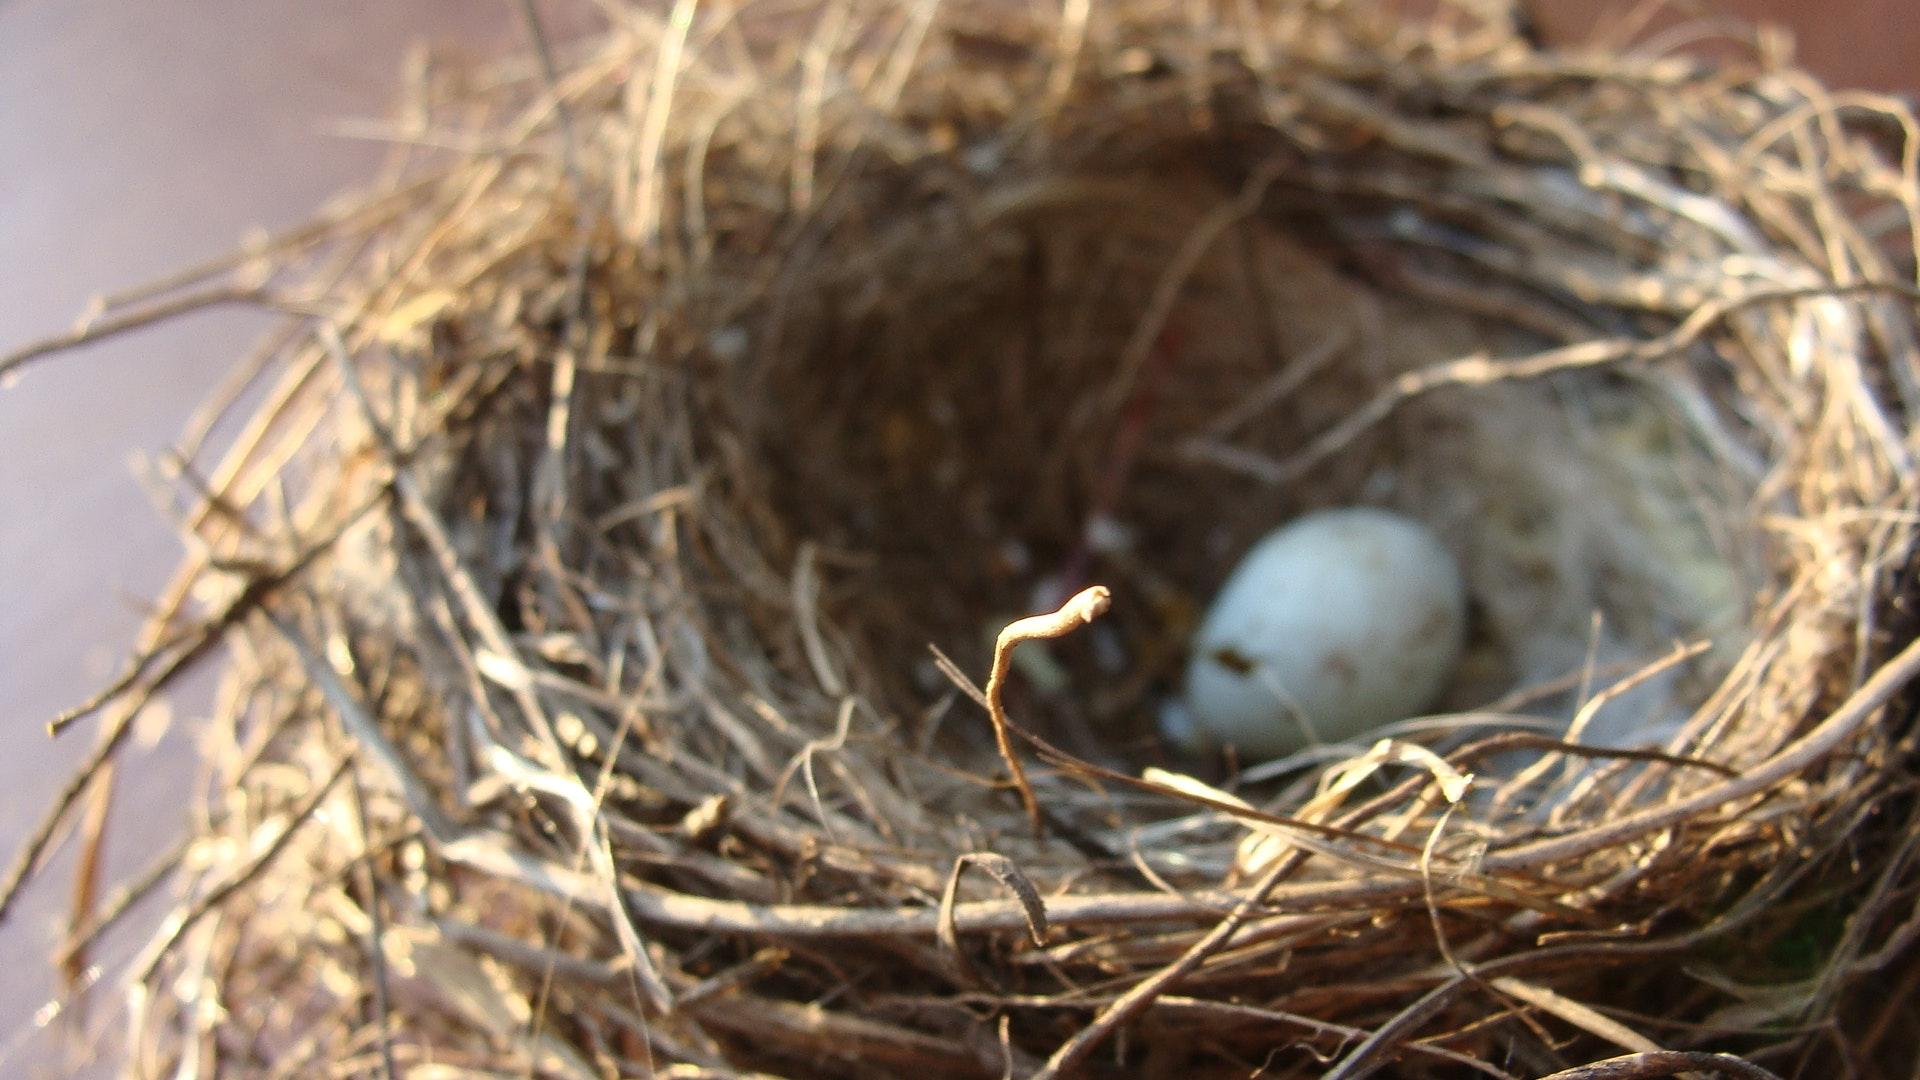 bird-egg-home-88121.jpg